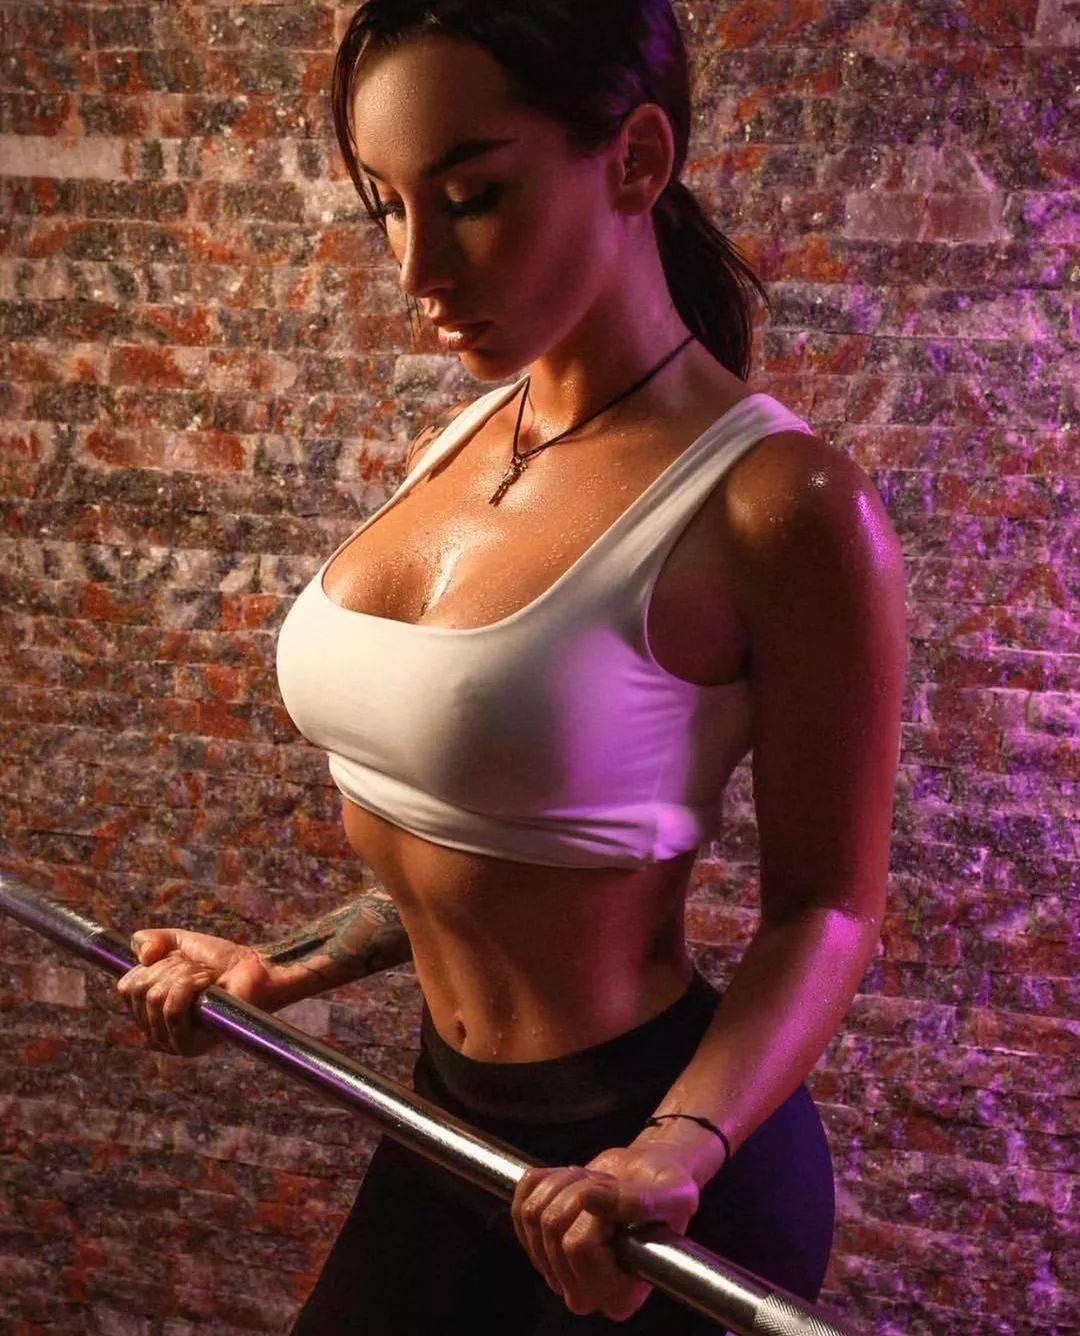 当纹身遇上惹火健身女神,这华丽的性感足以令人窒息。